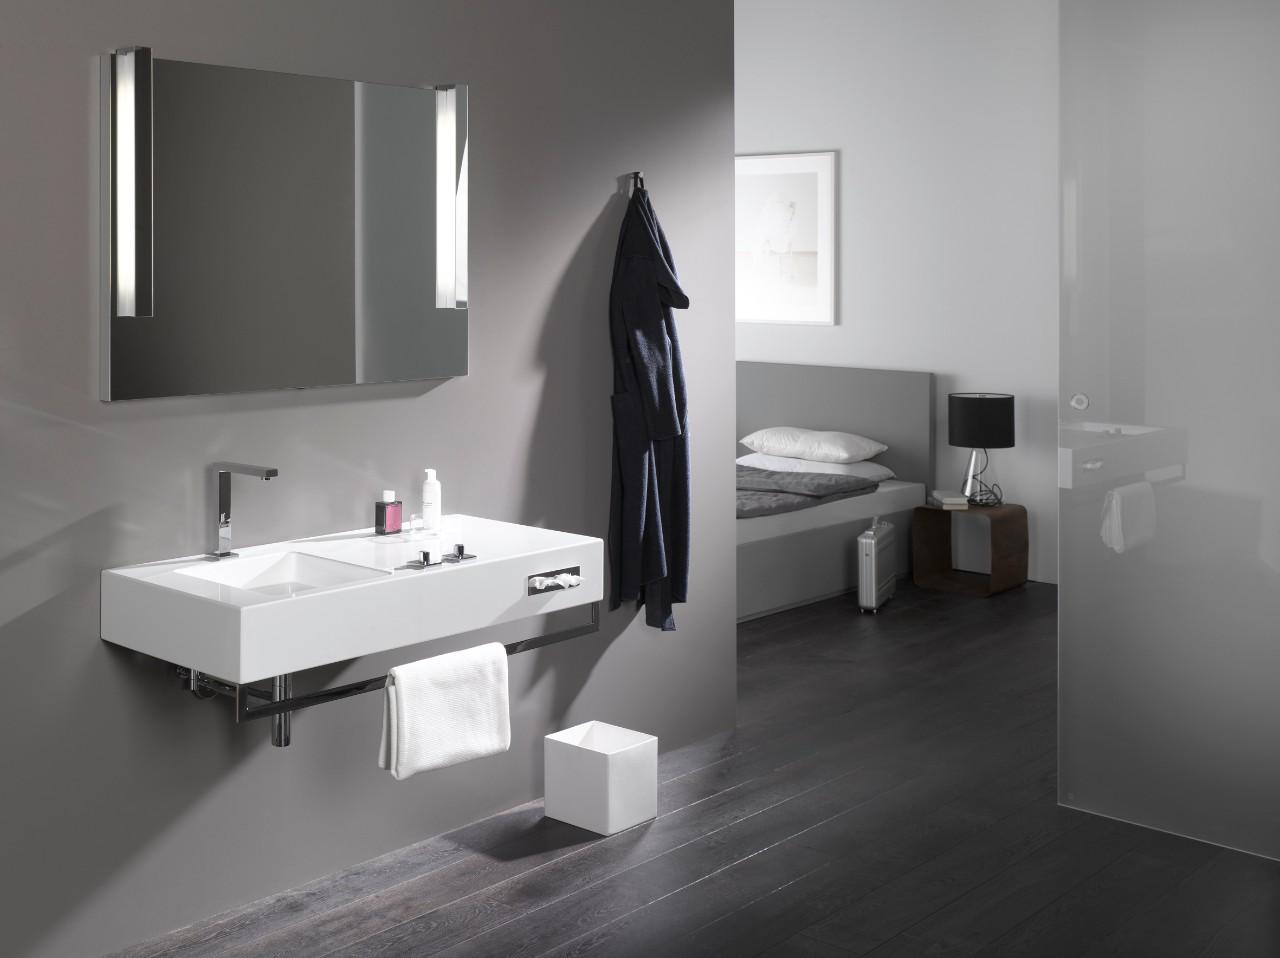 Geglazuurd stalen wastafel alape met kraan dornbracht symetrics - Vormgeving van de badkamer kraan ...